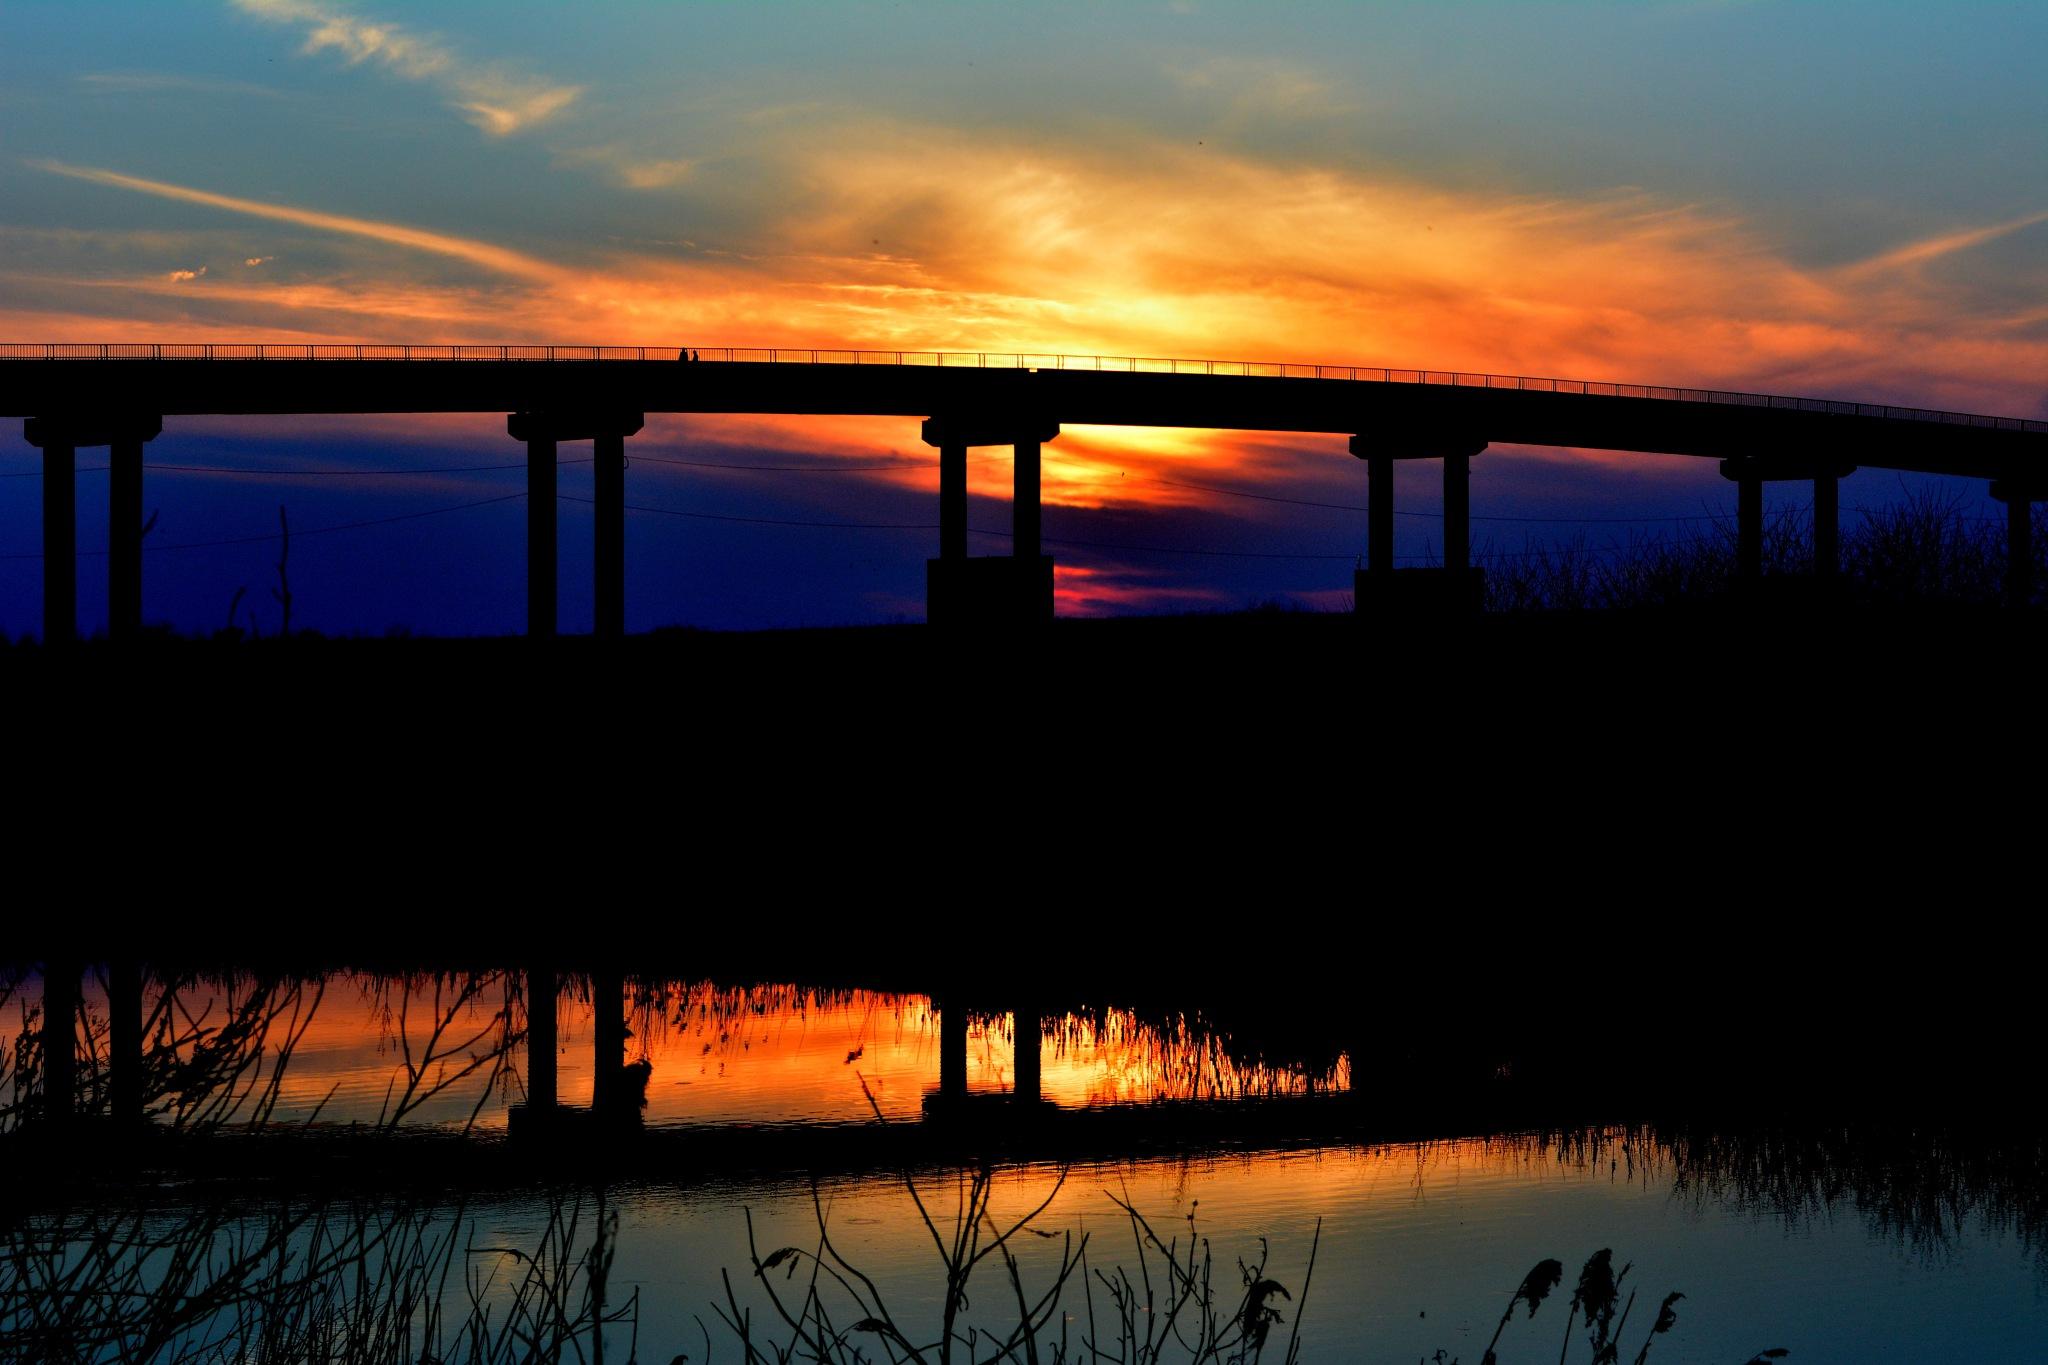 Bridge by AdinaVoicu